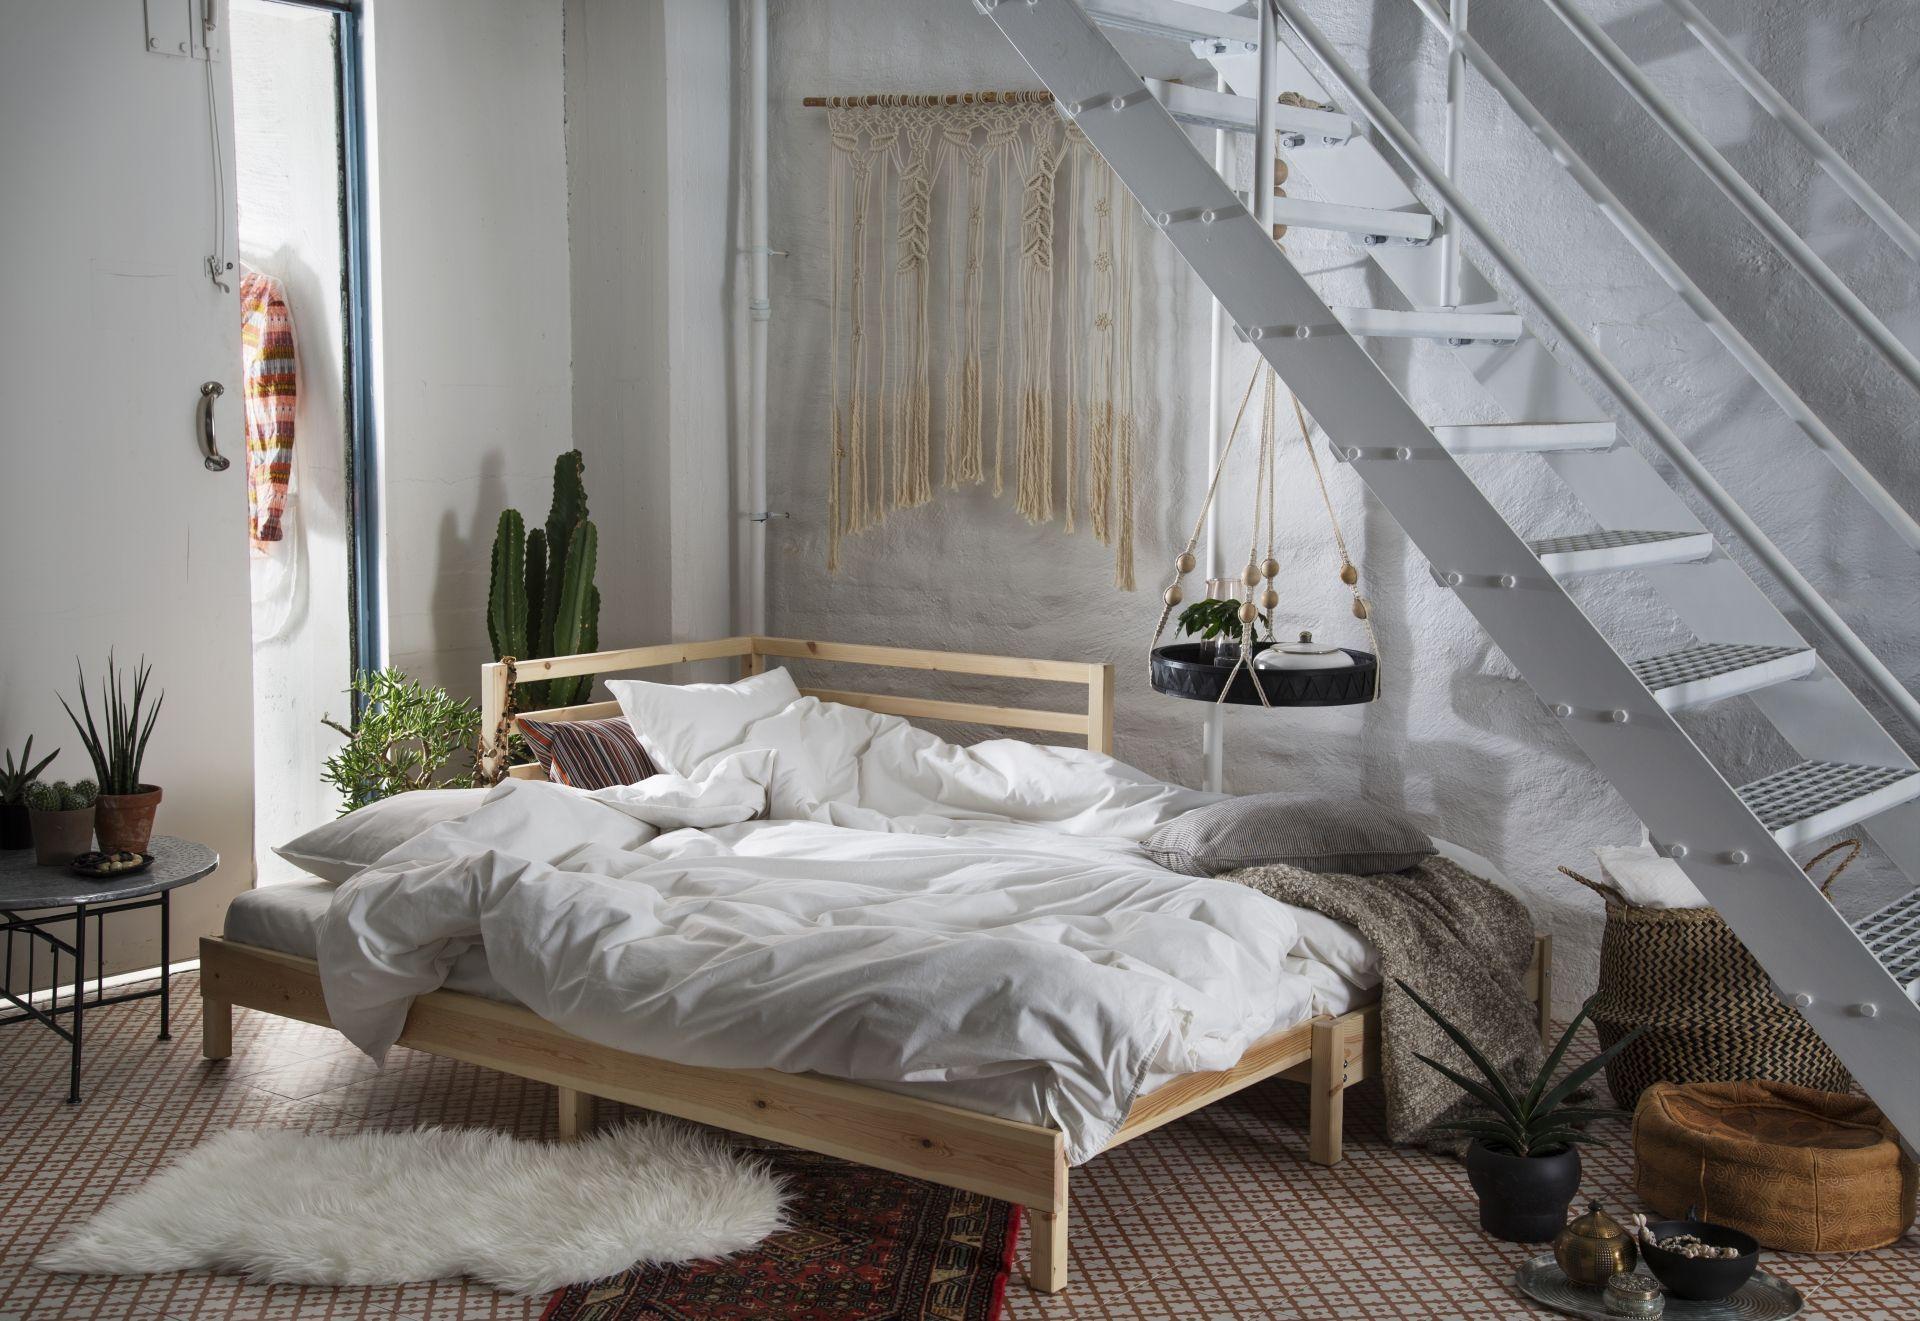 Hay habitaciones bonitas hasta con la cama sin hacer. | Dormitorios ...